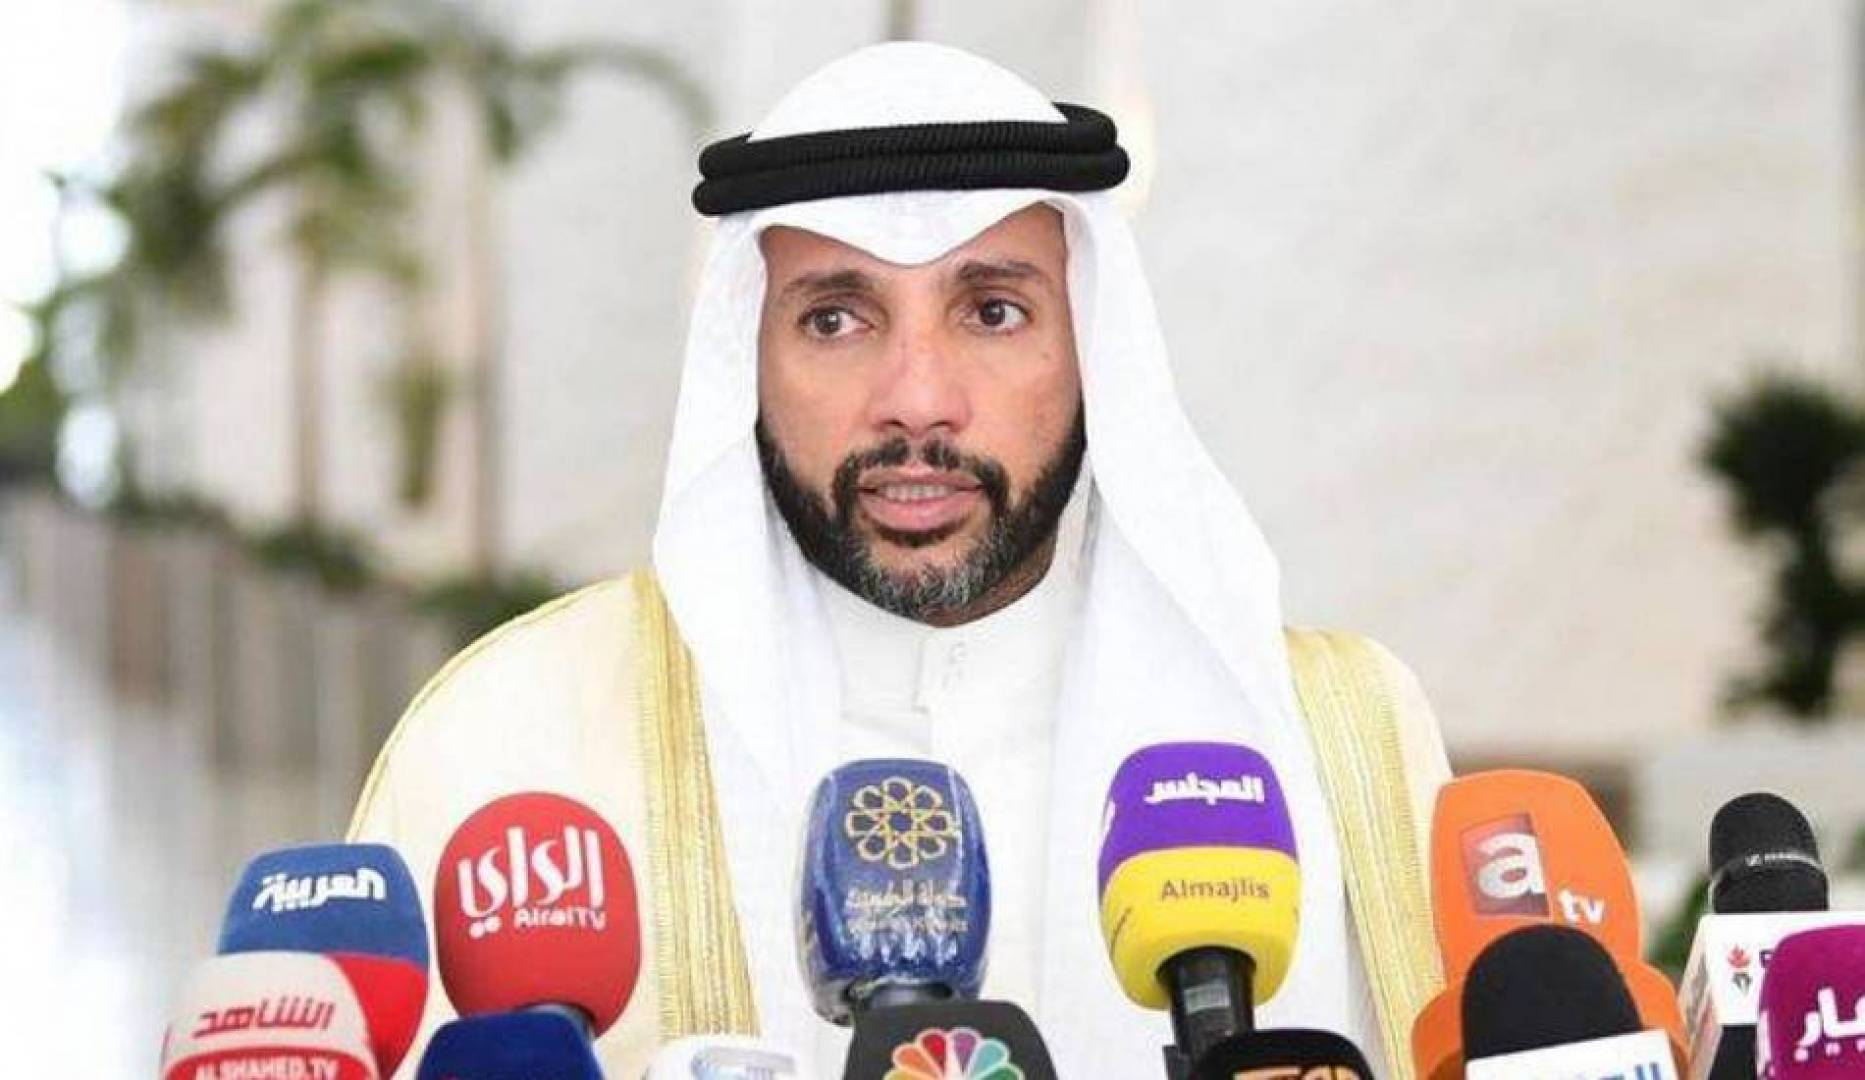 الرئيس الغانم: تشاور مستمر مع رئيس الوزراء بشأن موعد فض دور الانعقاد